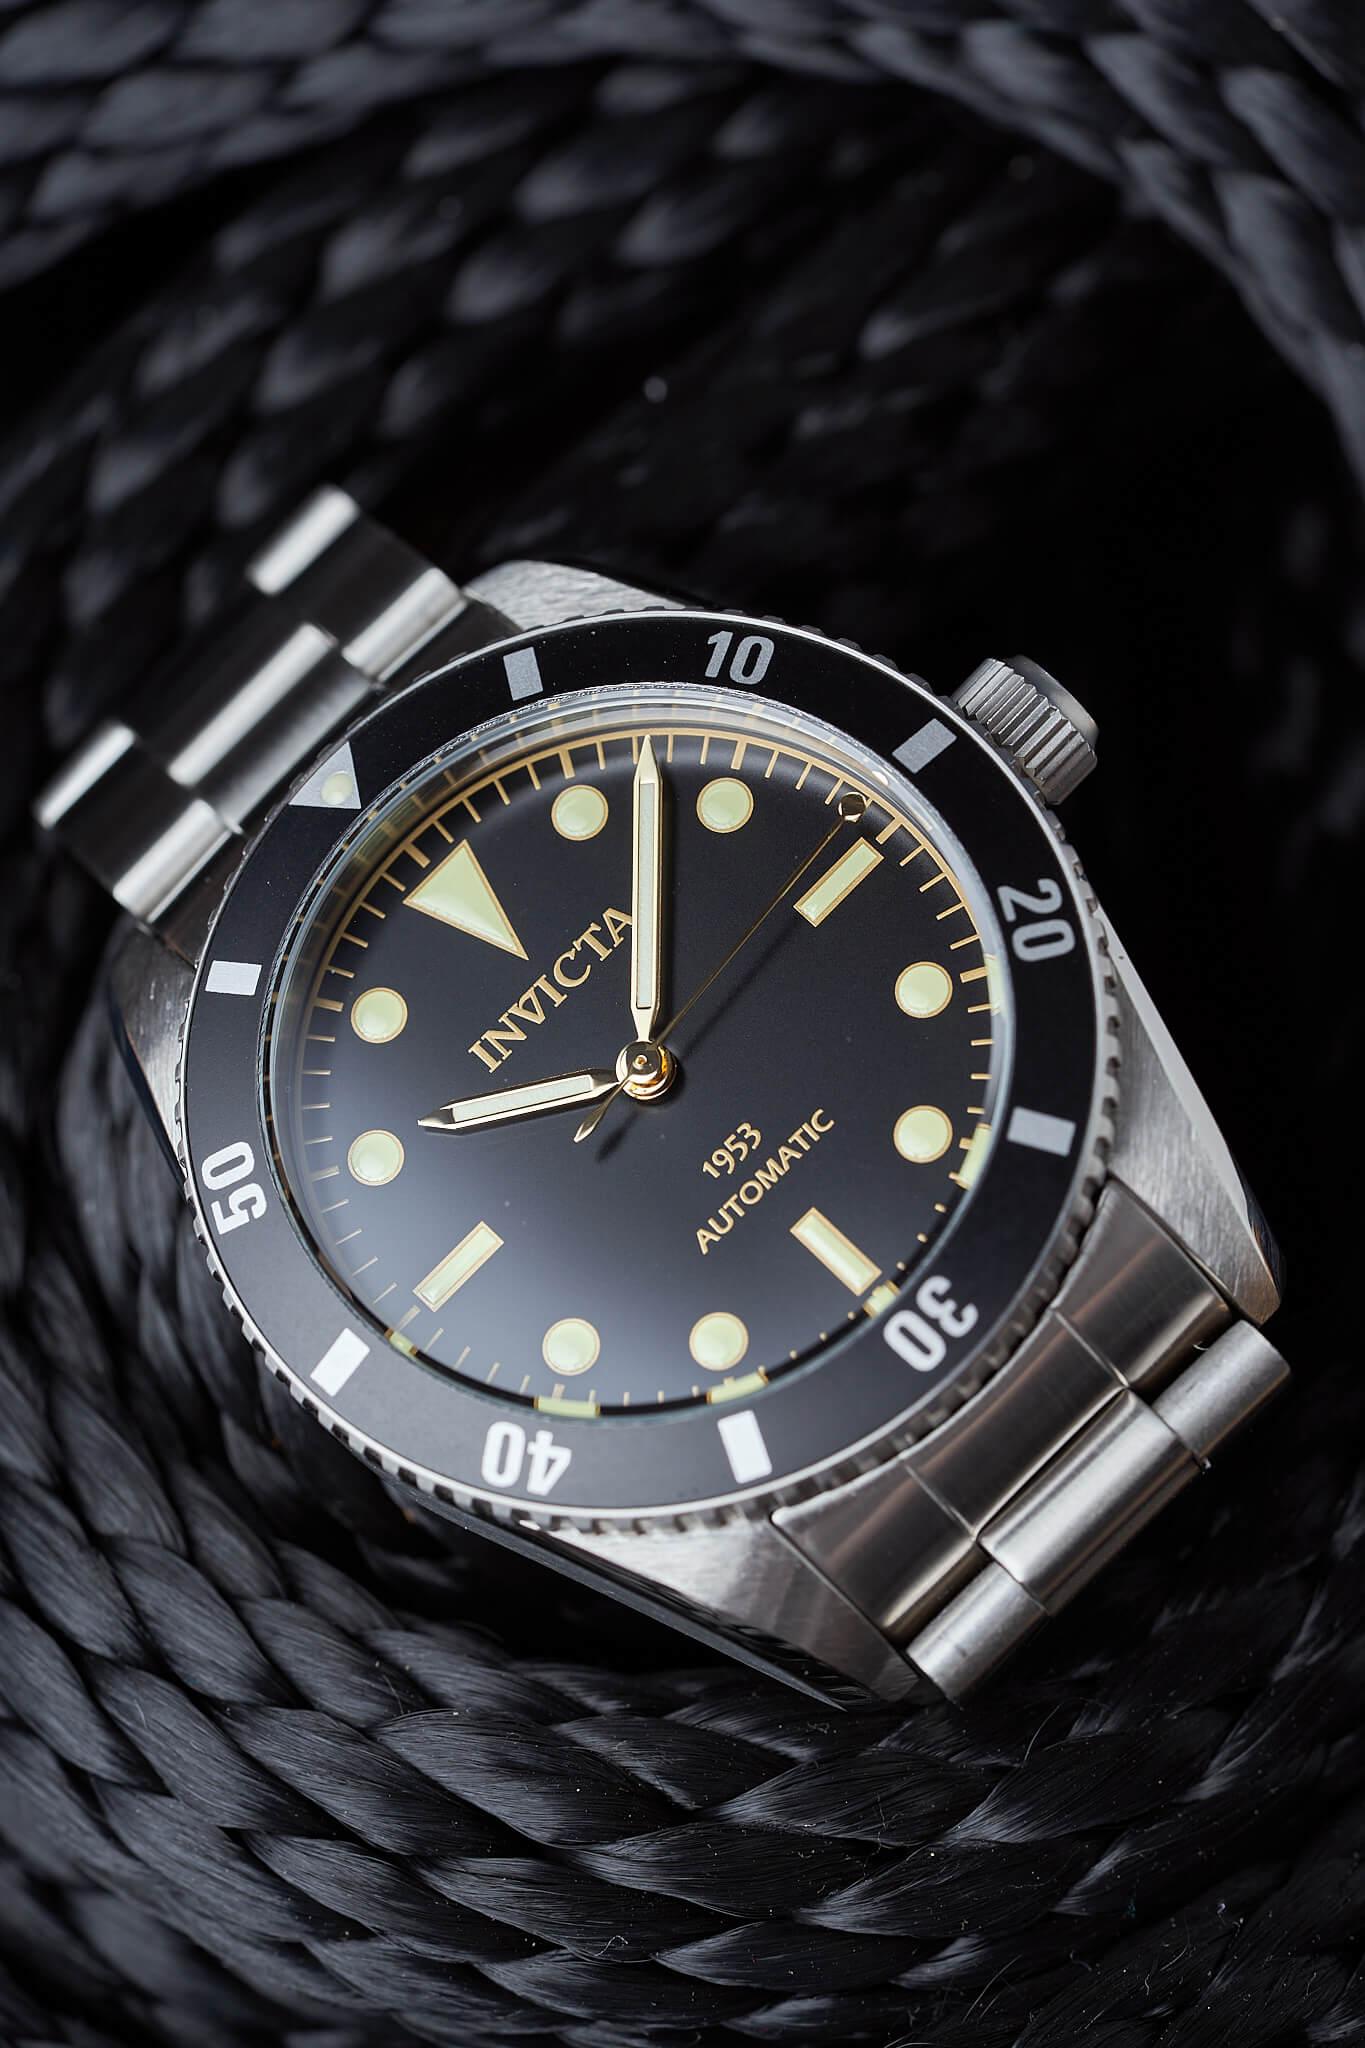 Invicta-Pro-Diver-1953-31290-4